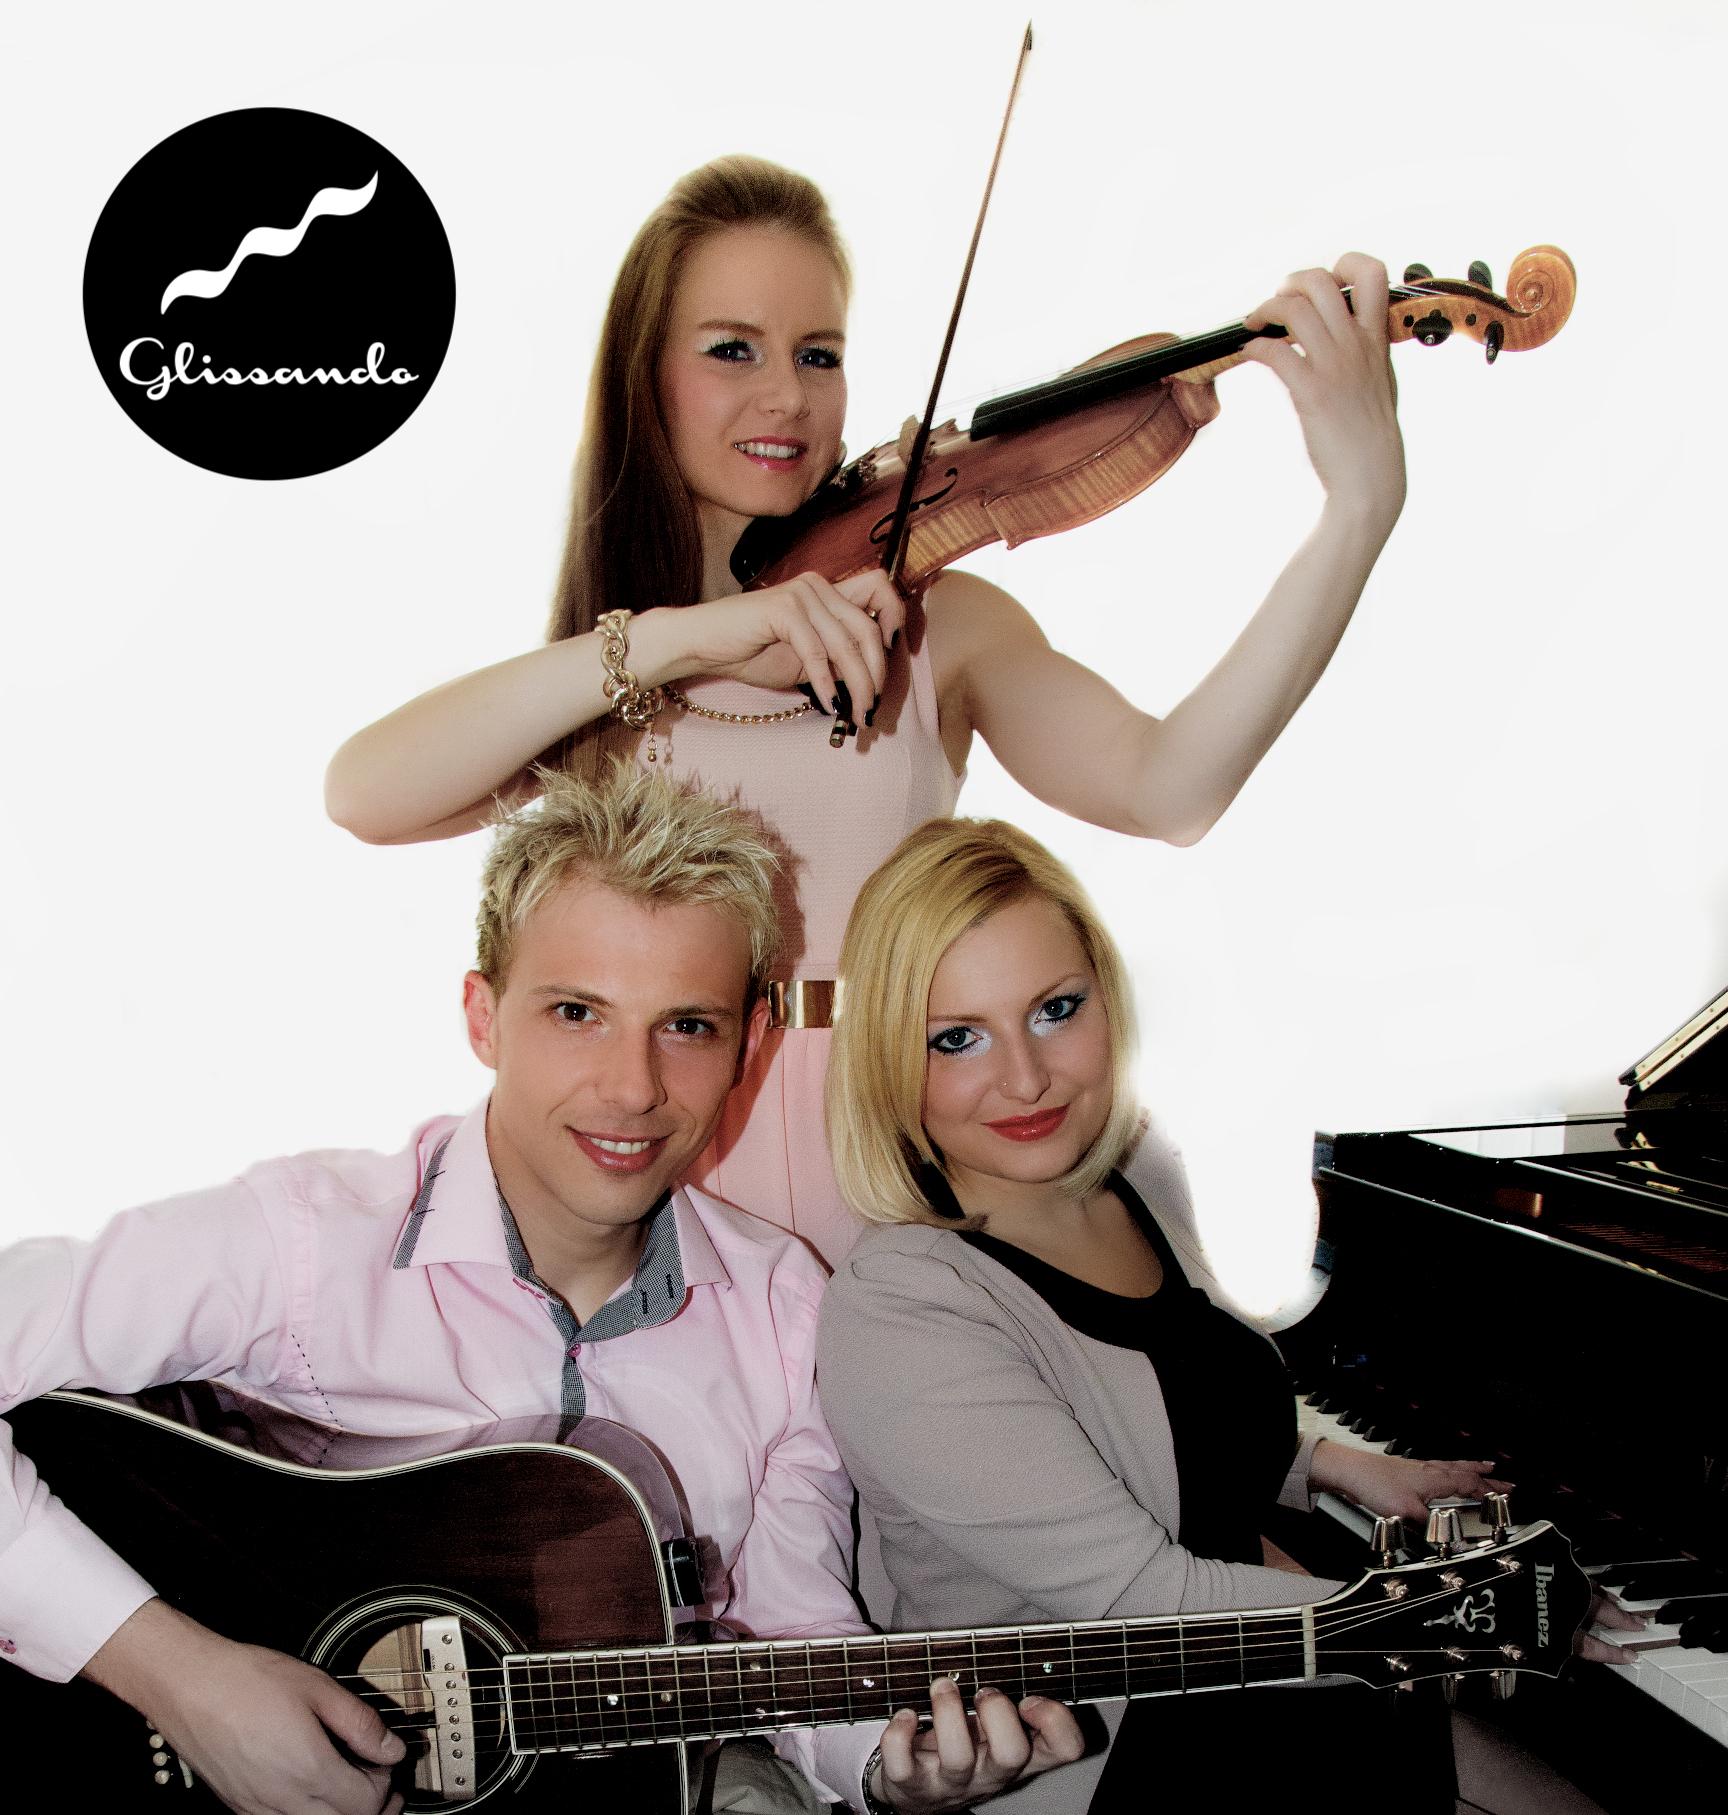 """Glasbena skupina GLISSANDO na svoj edinstven način preigrava instrumentalne priredbe svetovnih in domačih """"zimzelenih"""" skladb v klasični preobleki s pridihom """"jazz-a""""."""